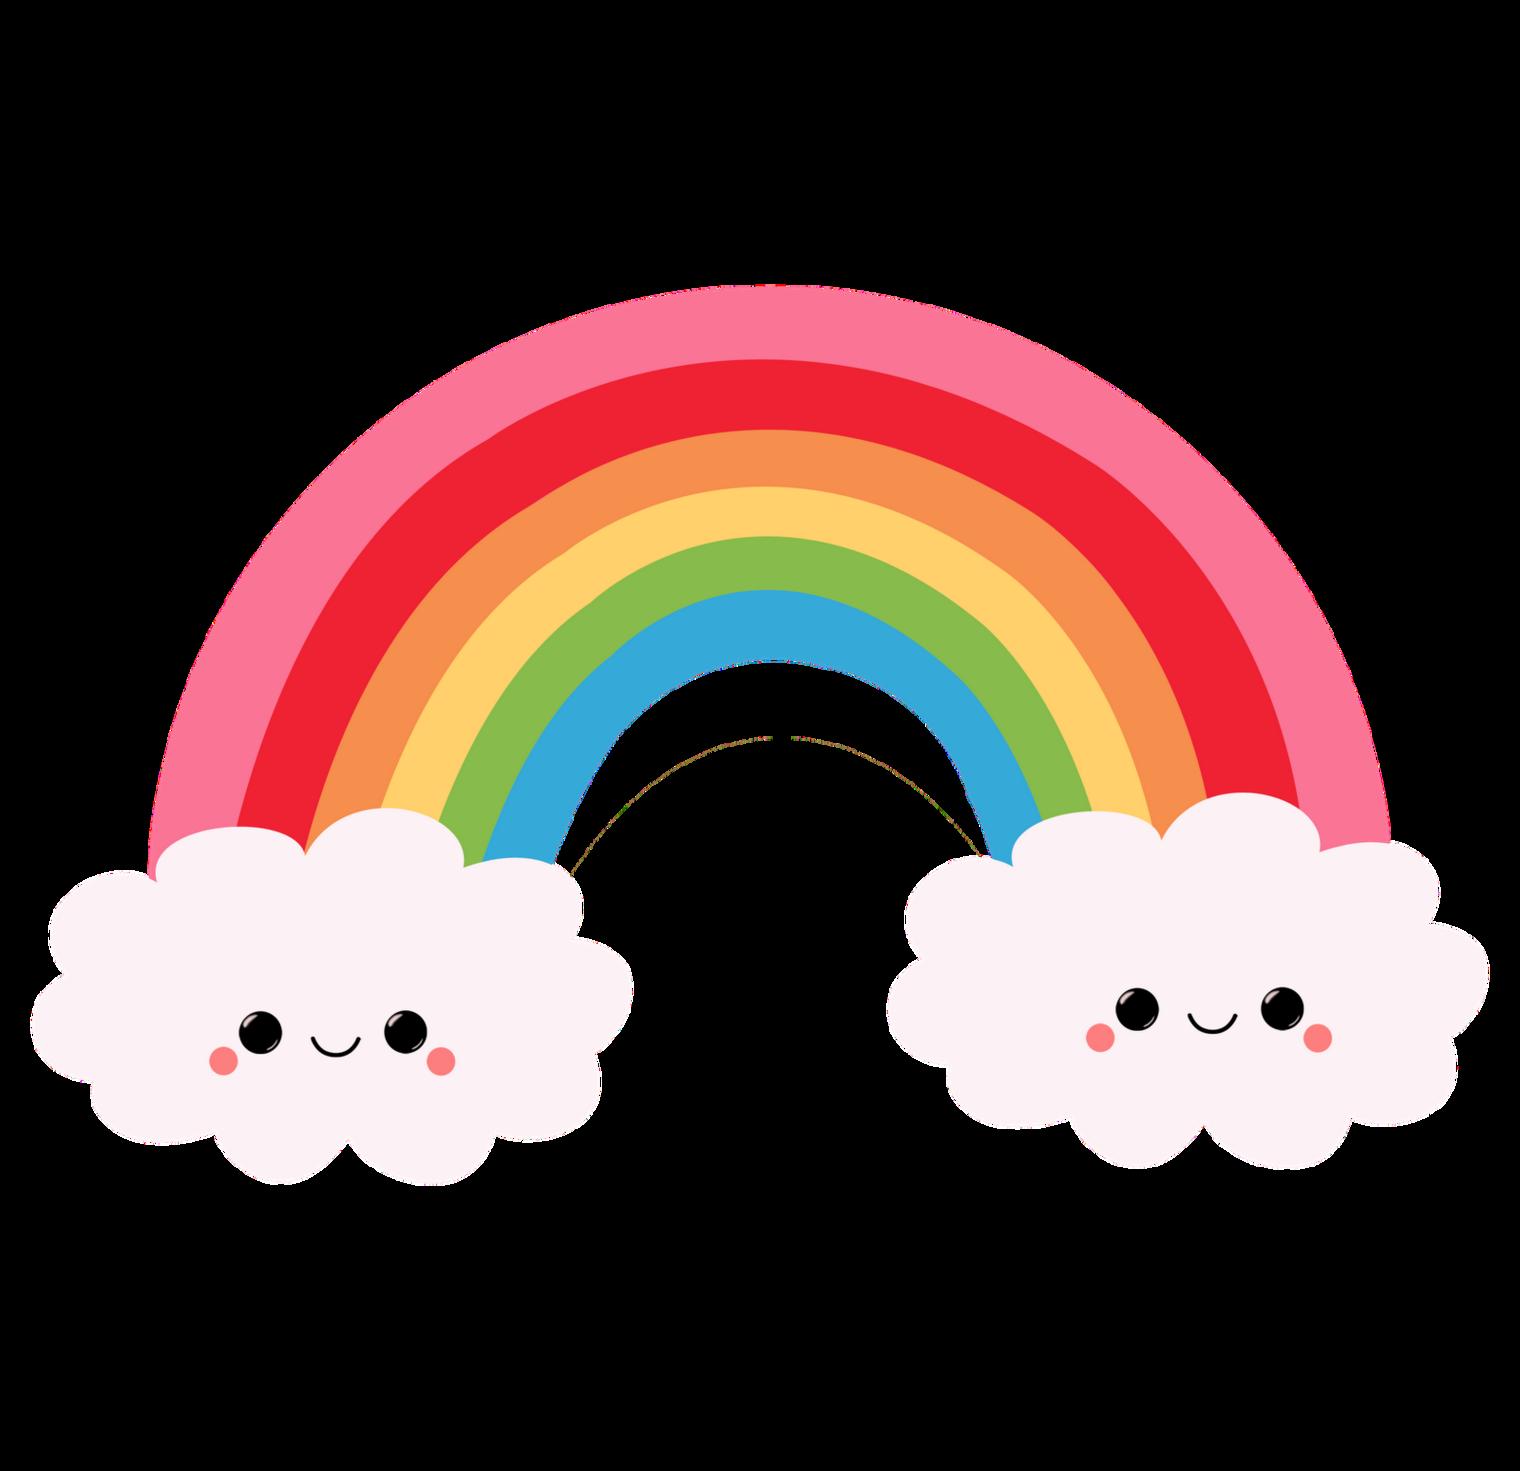 Rainbow clipart tumblr